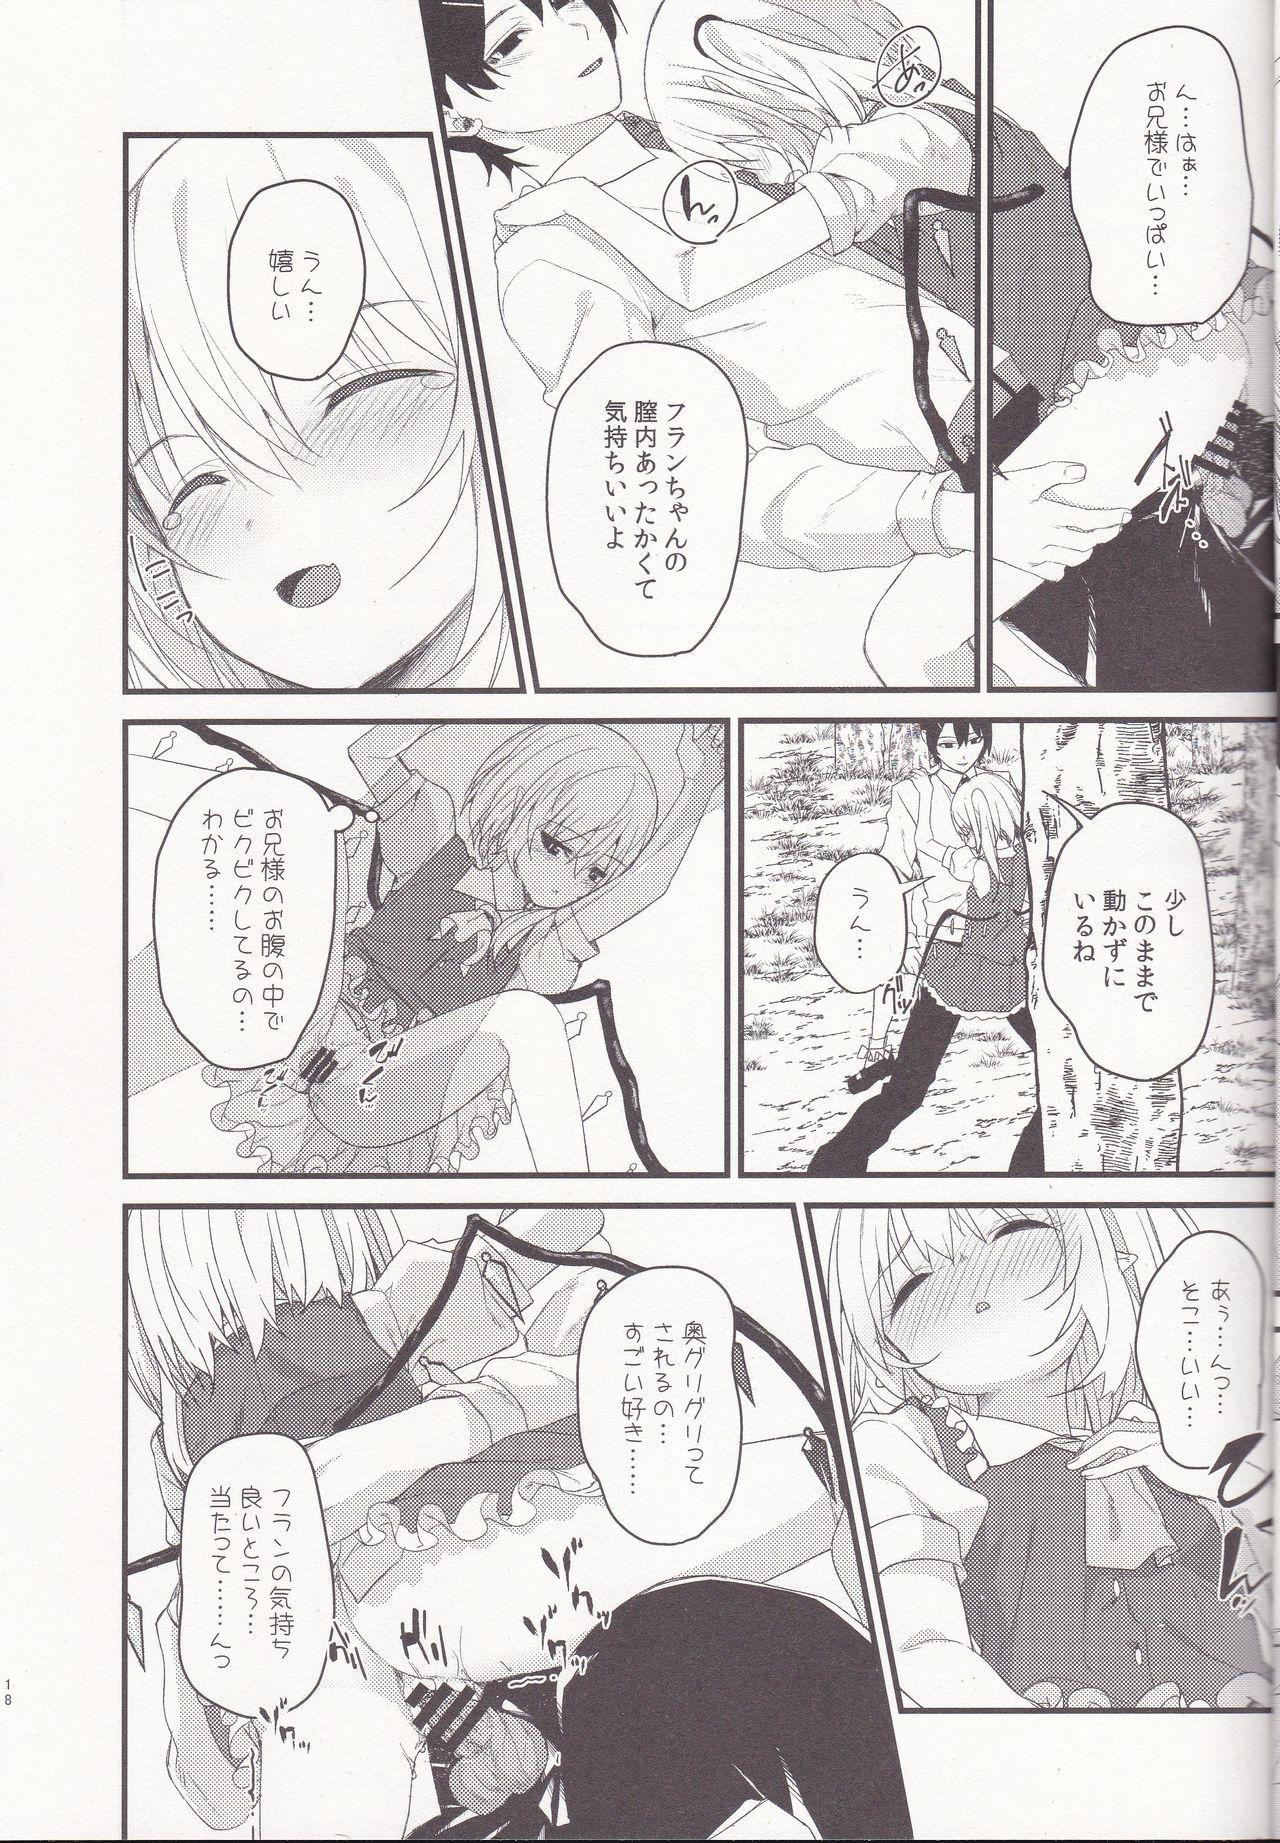 Mangetsu no Yoru 16